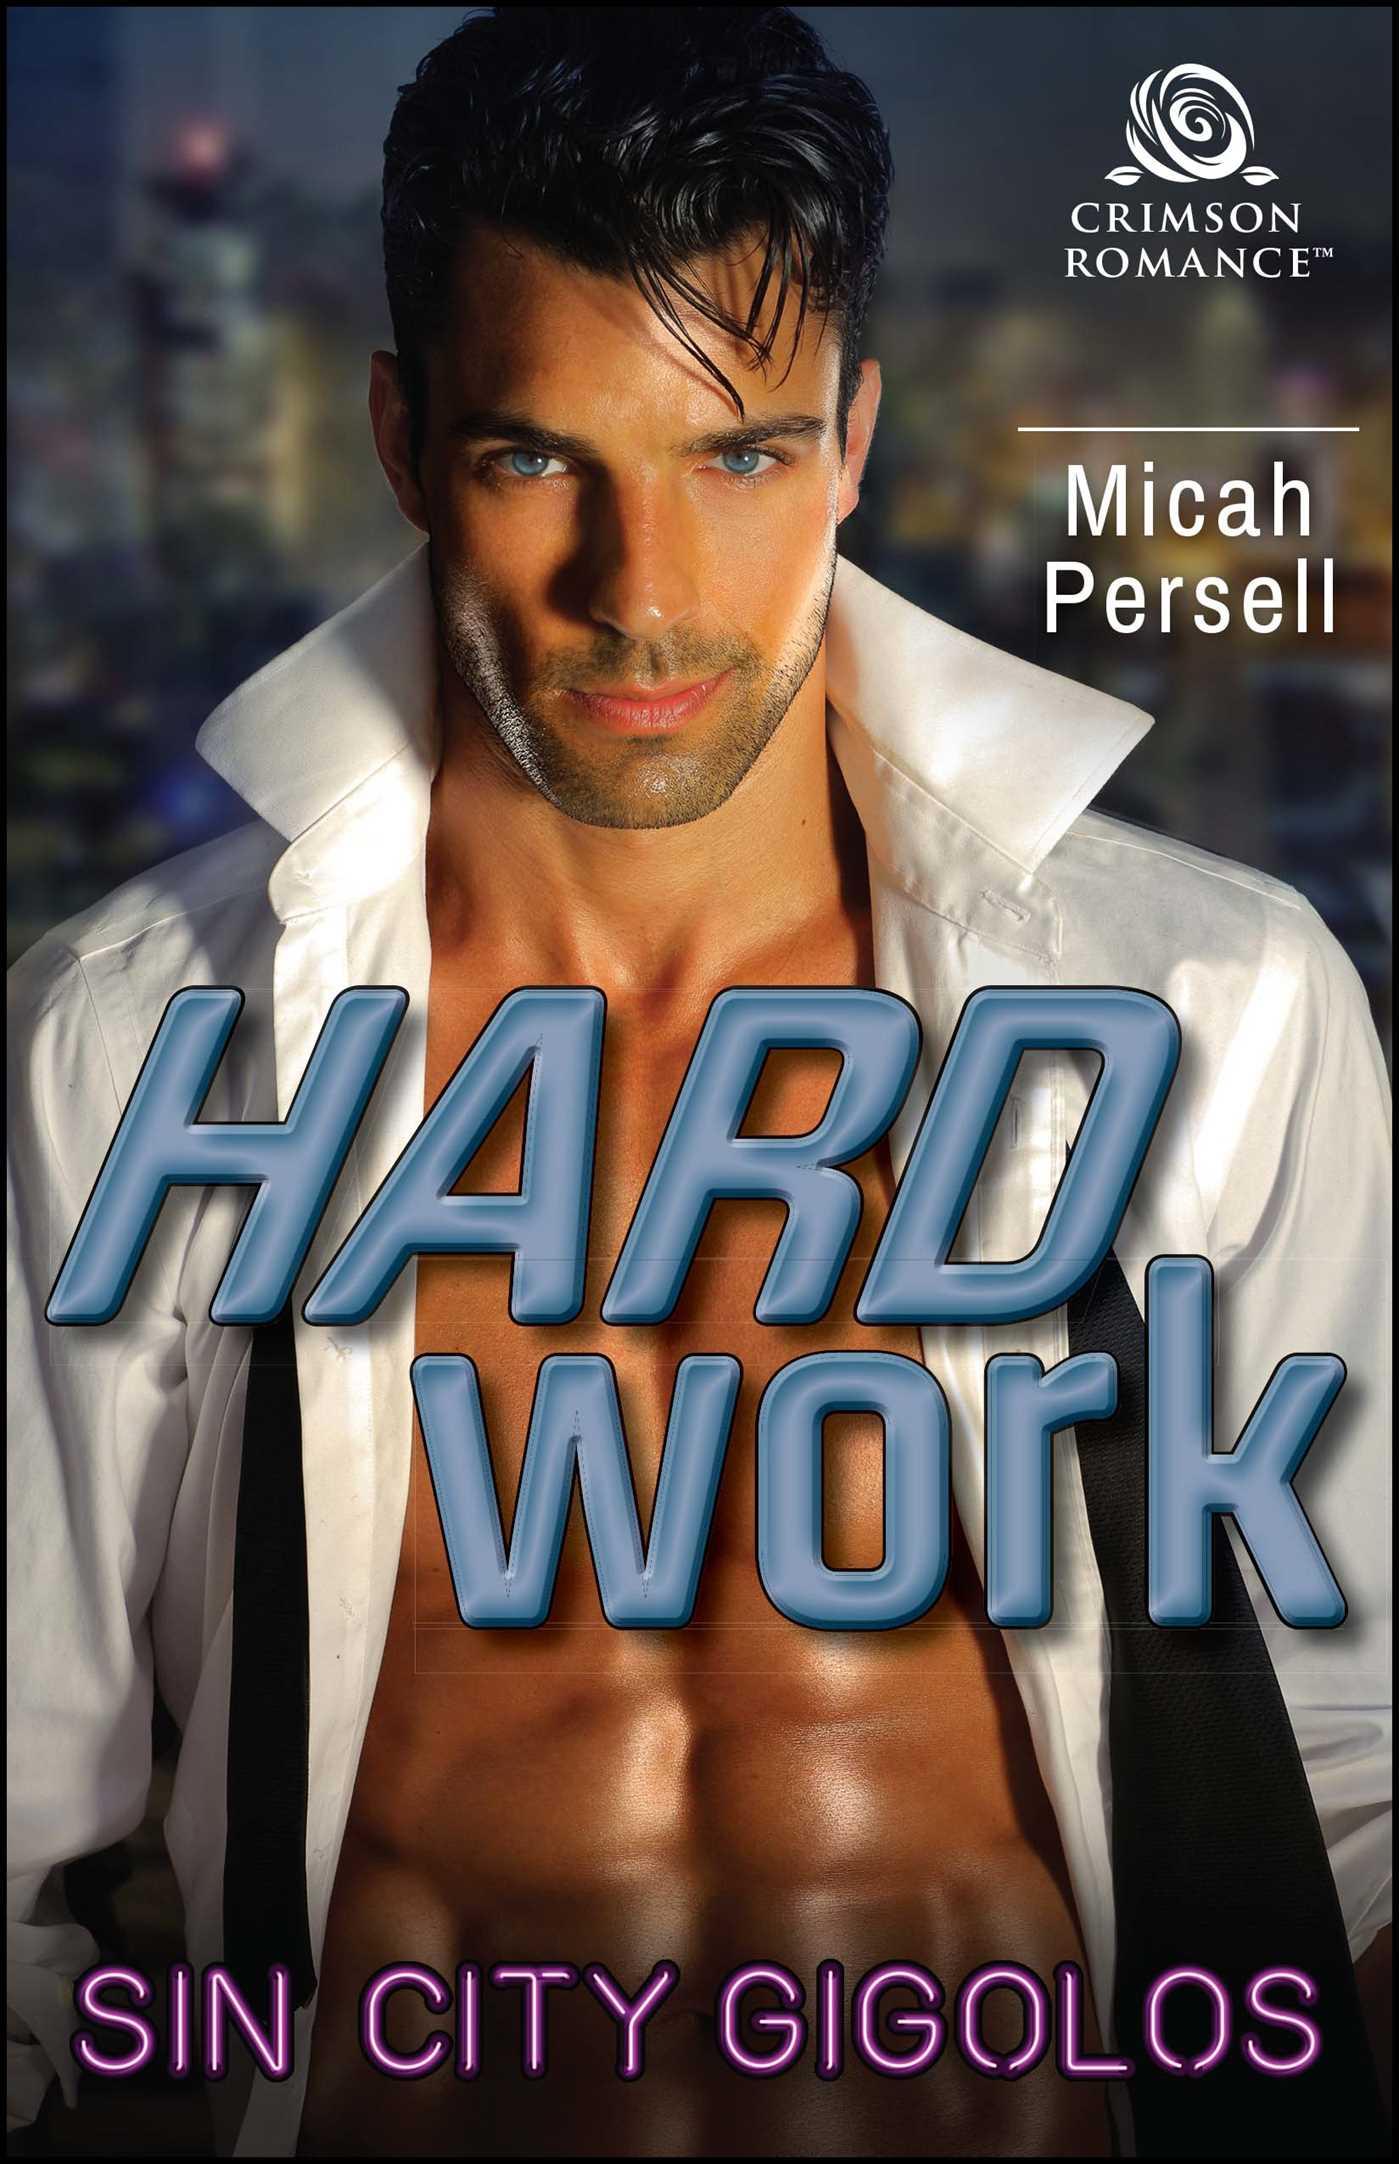 Hard work 9781507208052 hr